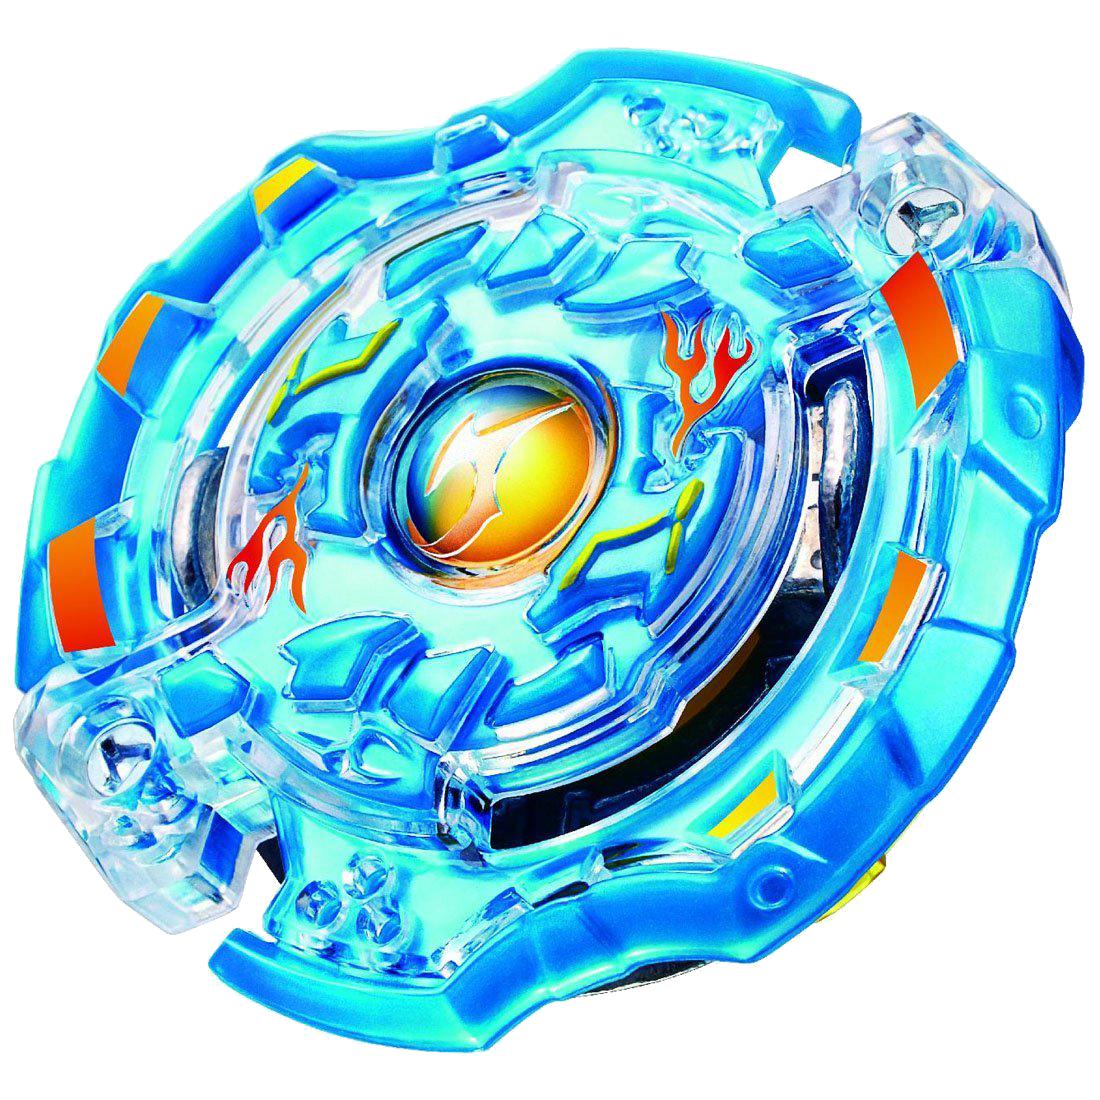 Resultat De Recherche D Images Pour Toupie Beyblade Burst Evolution Acheter Toupie Anniversaire Super Heros Toupies